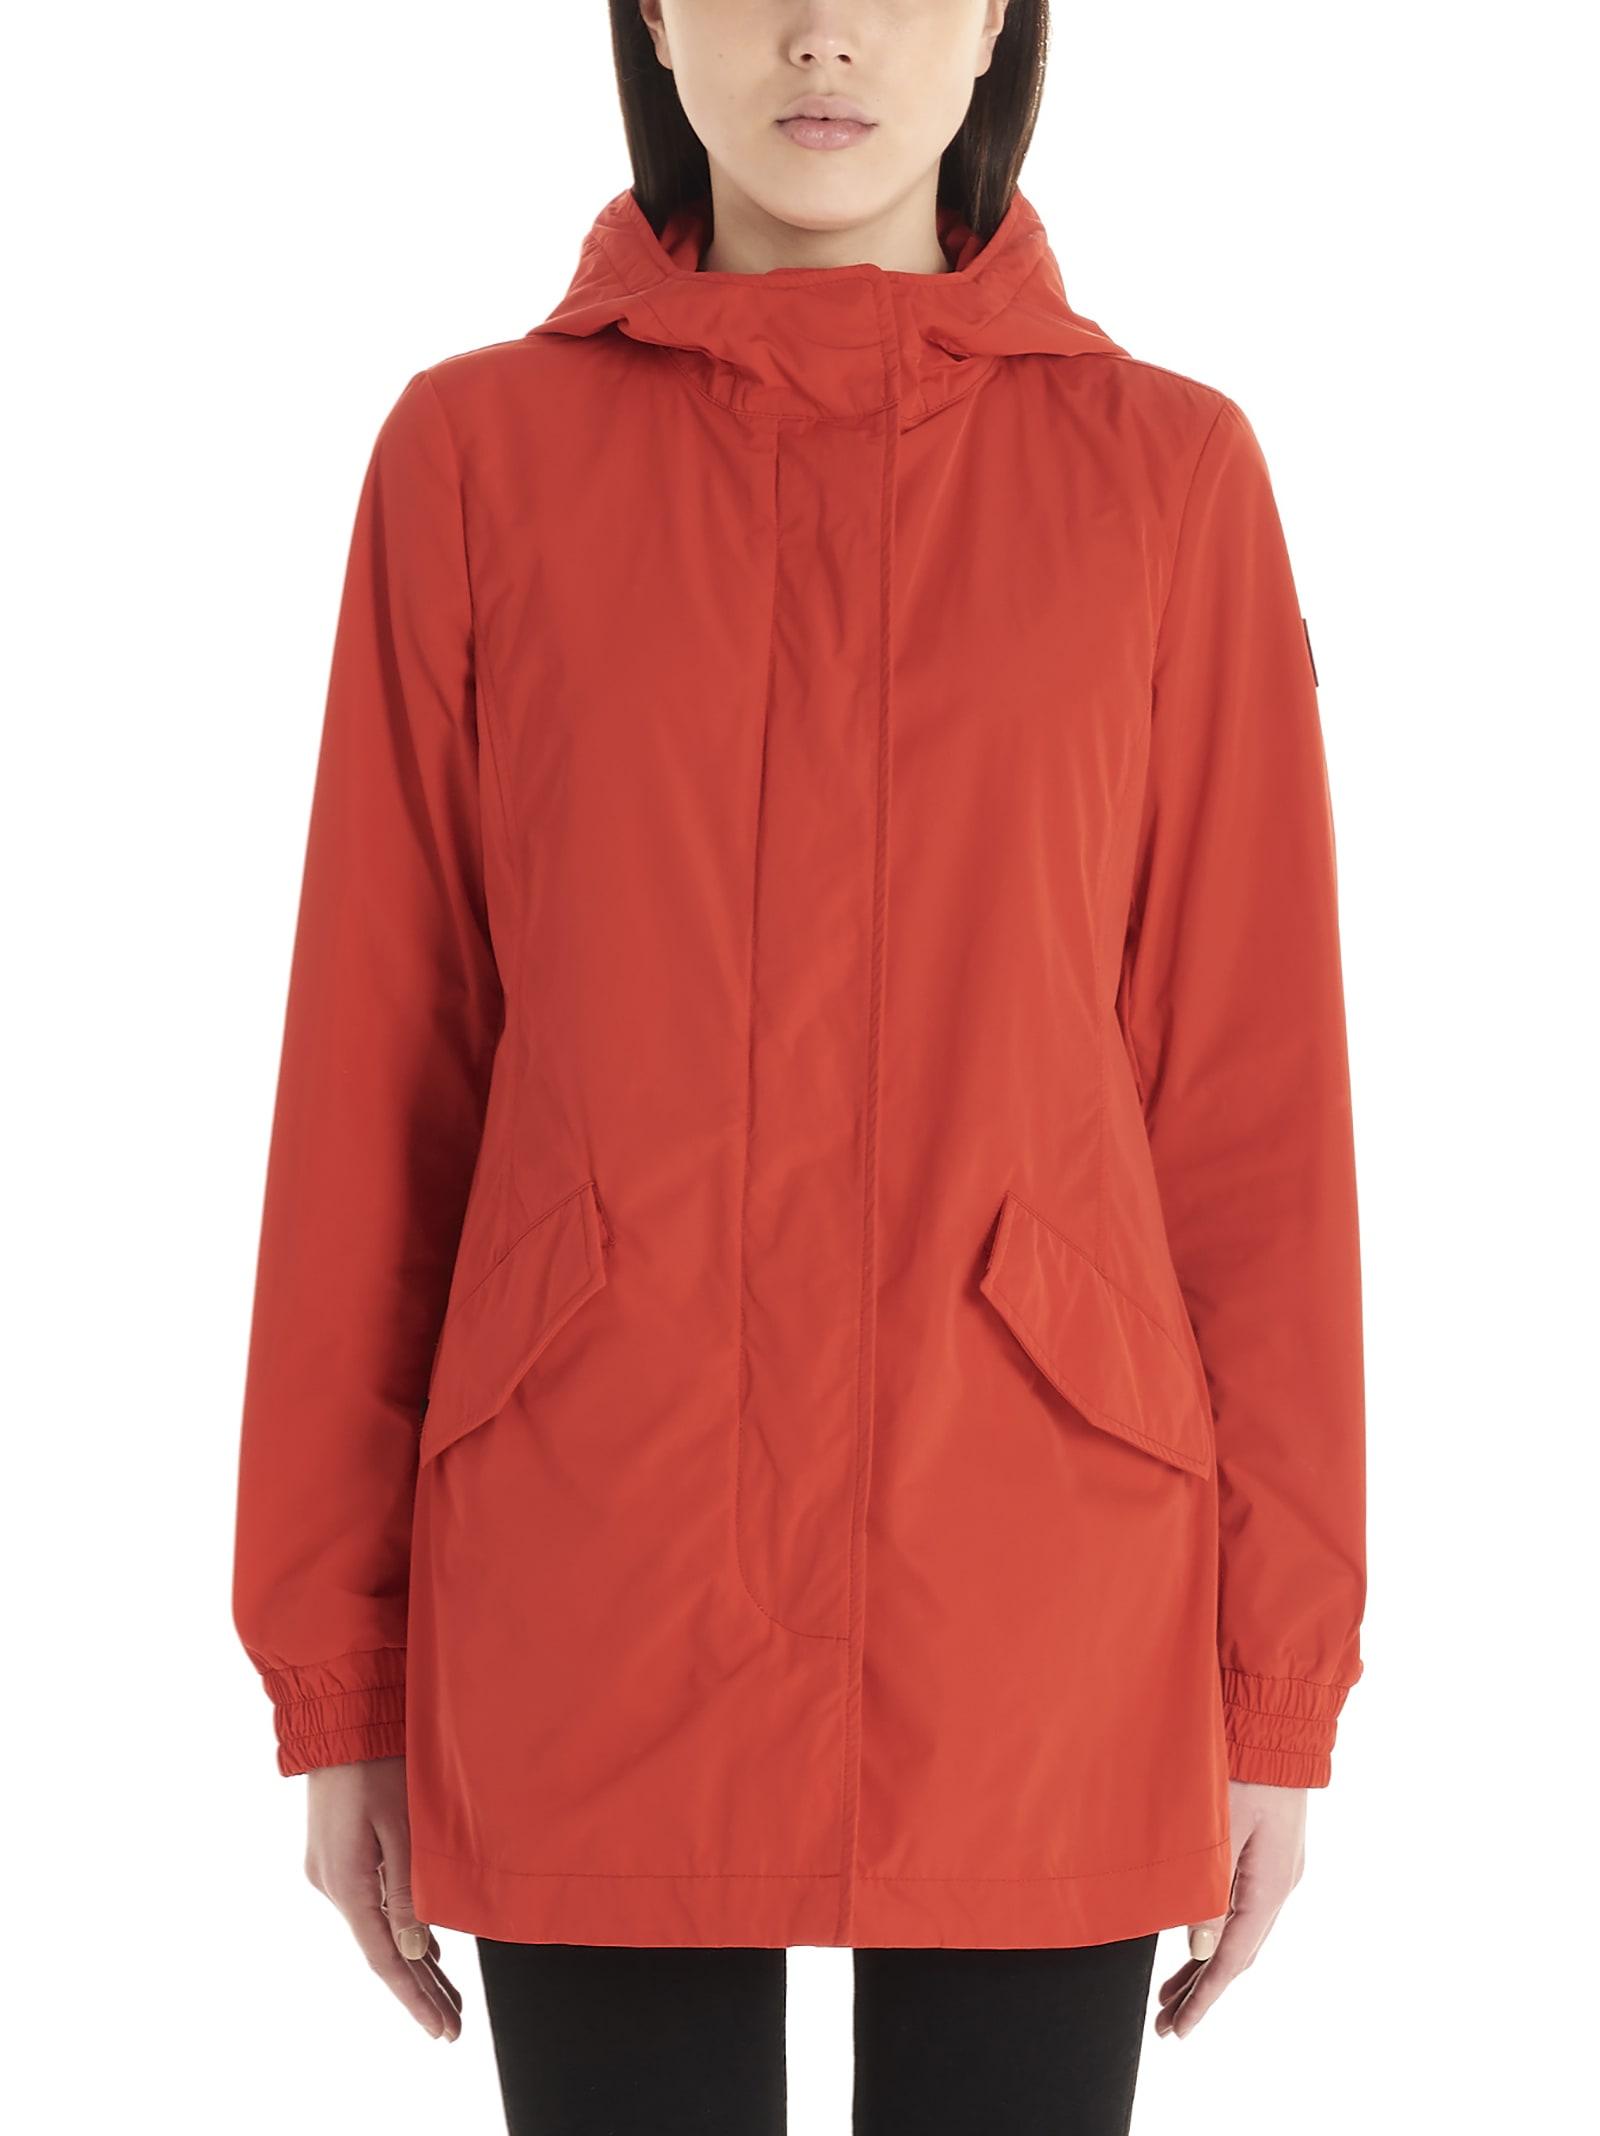 Woolrich summer Parka Jacket